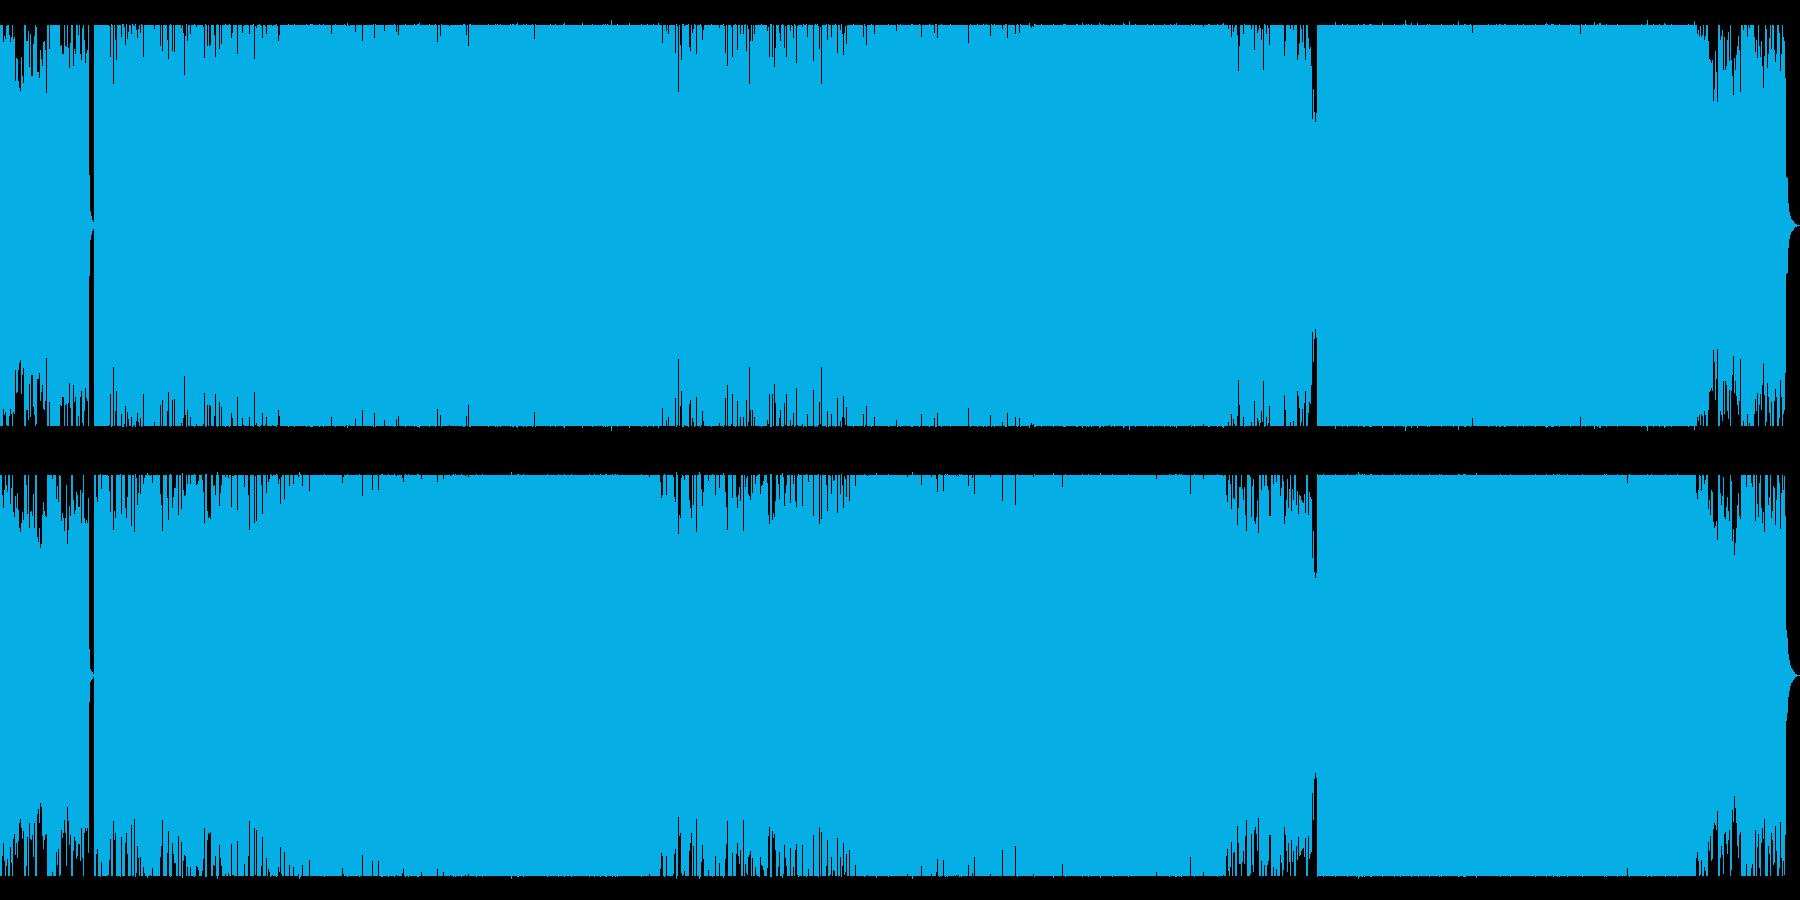 リラックスできるムーディーなチルトラックの再生済みの波形